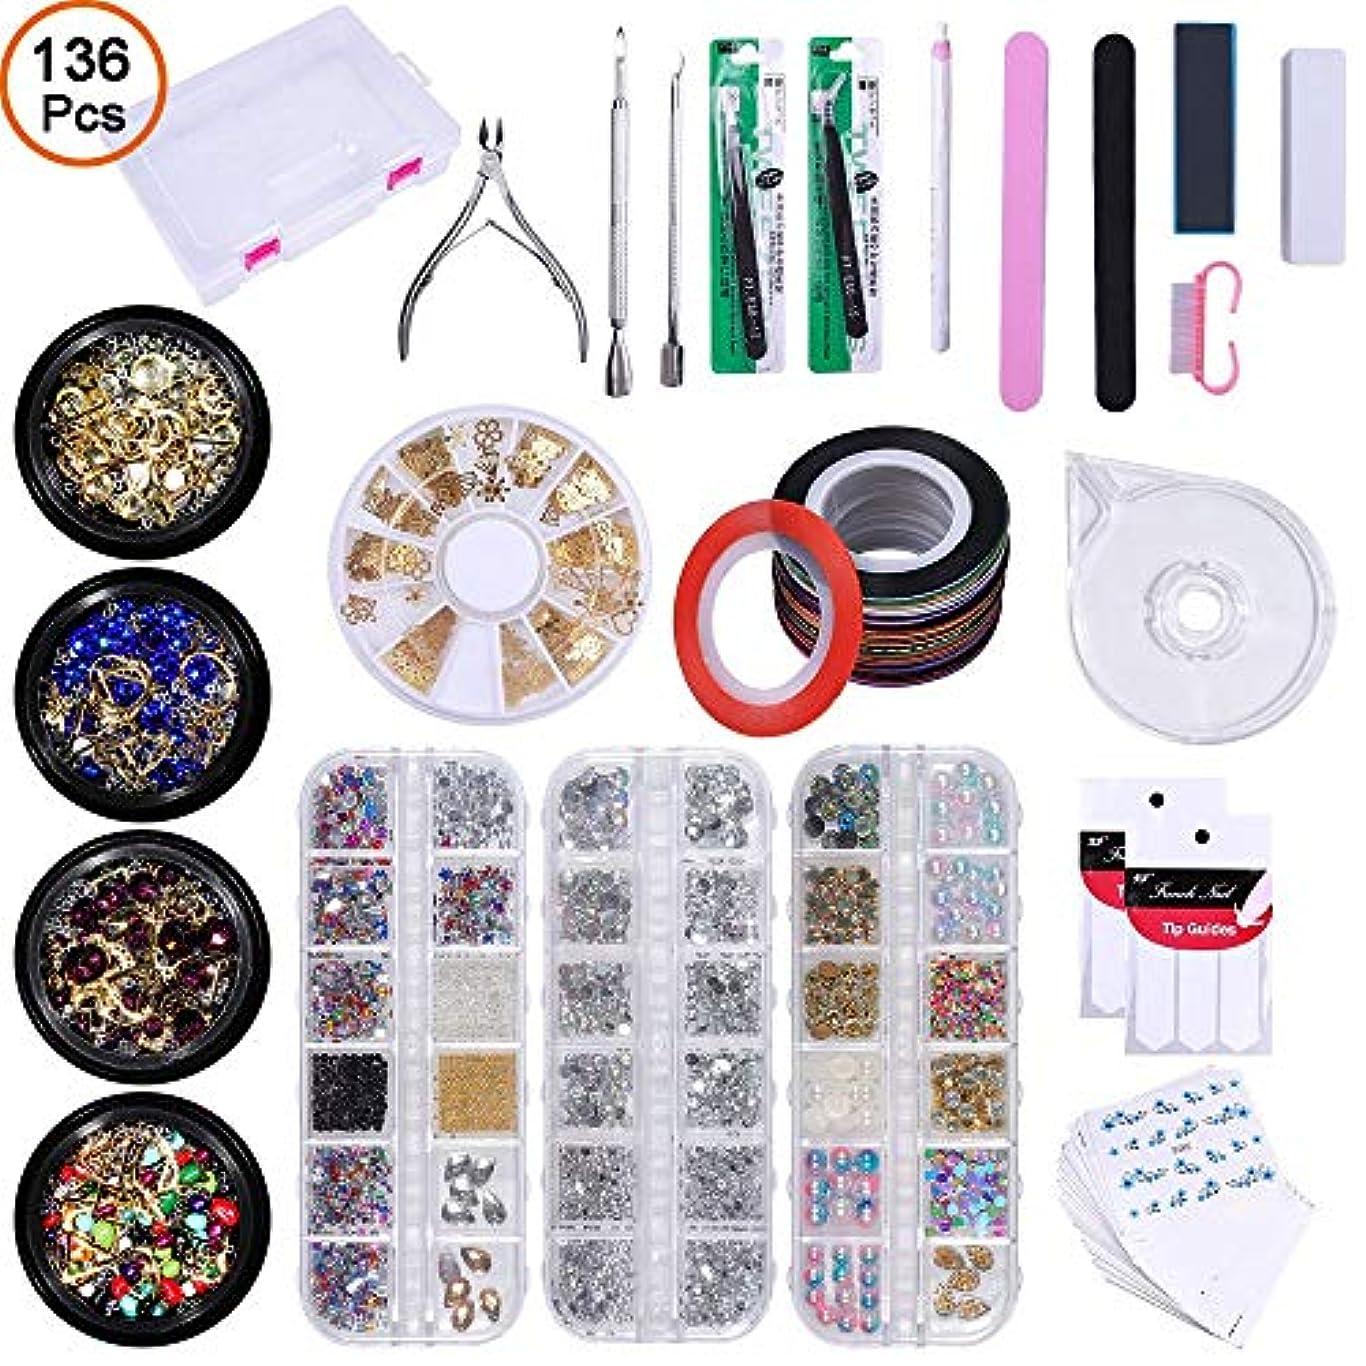 素晴らしいです嘆願蒸し器标题ネイル飾り物、ネイルアートツール セット:花柄ネイルアートシール、ネイル飾り物(真珠、リベット、金属、アクリル) 8箱、ネイルファイル、ネイルアートブラシ (Nail Art Set)